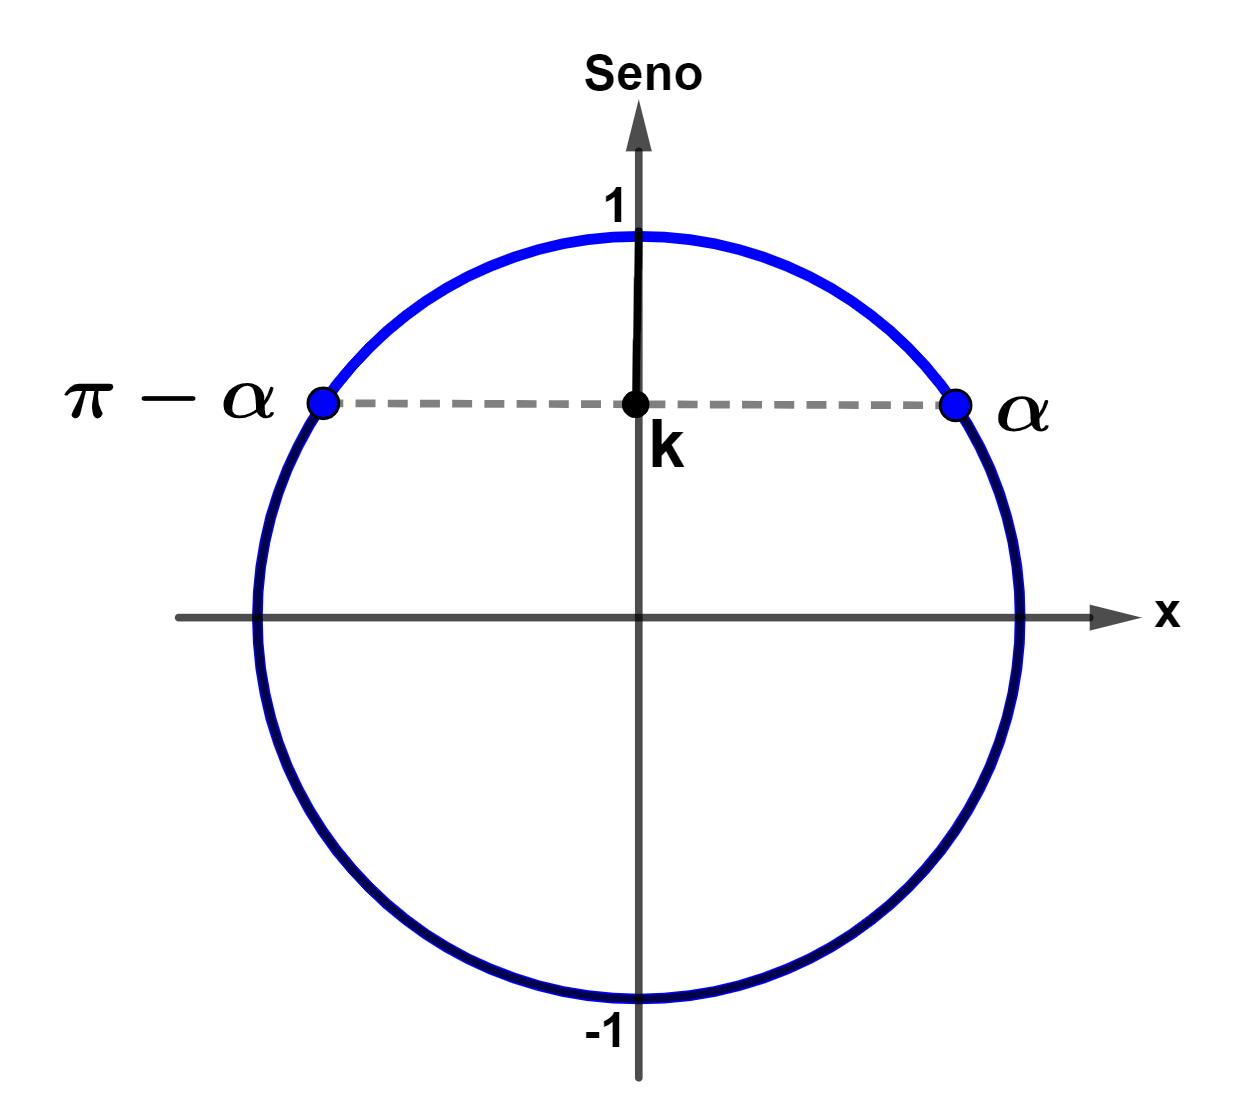 Inequação fundamental senx > k